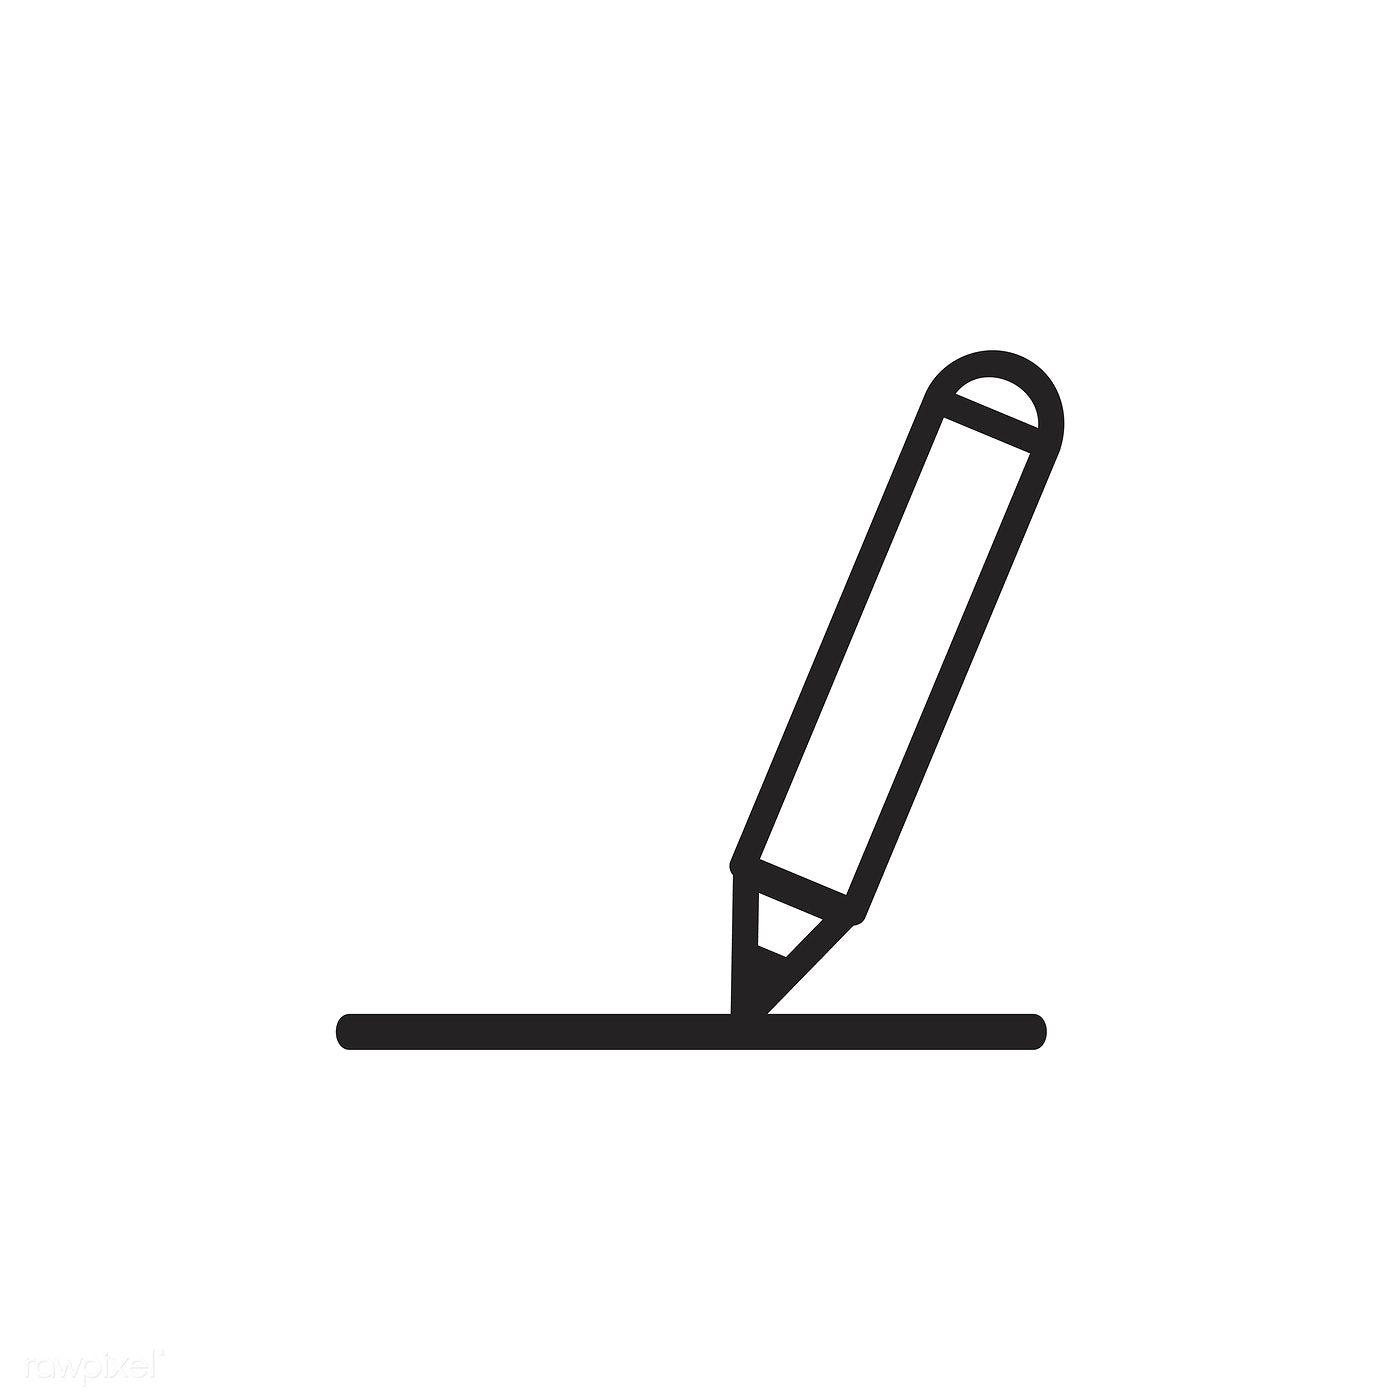 Pencil icon vector | free image by rawpixel.com | Vector ...